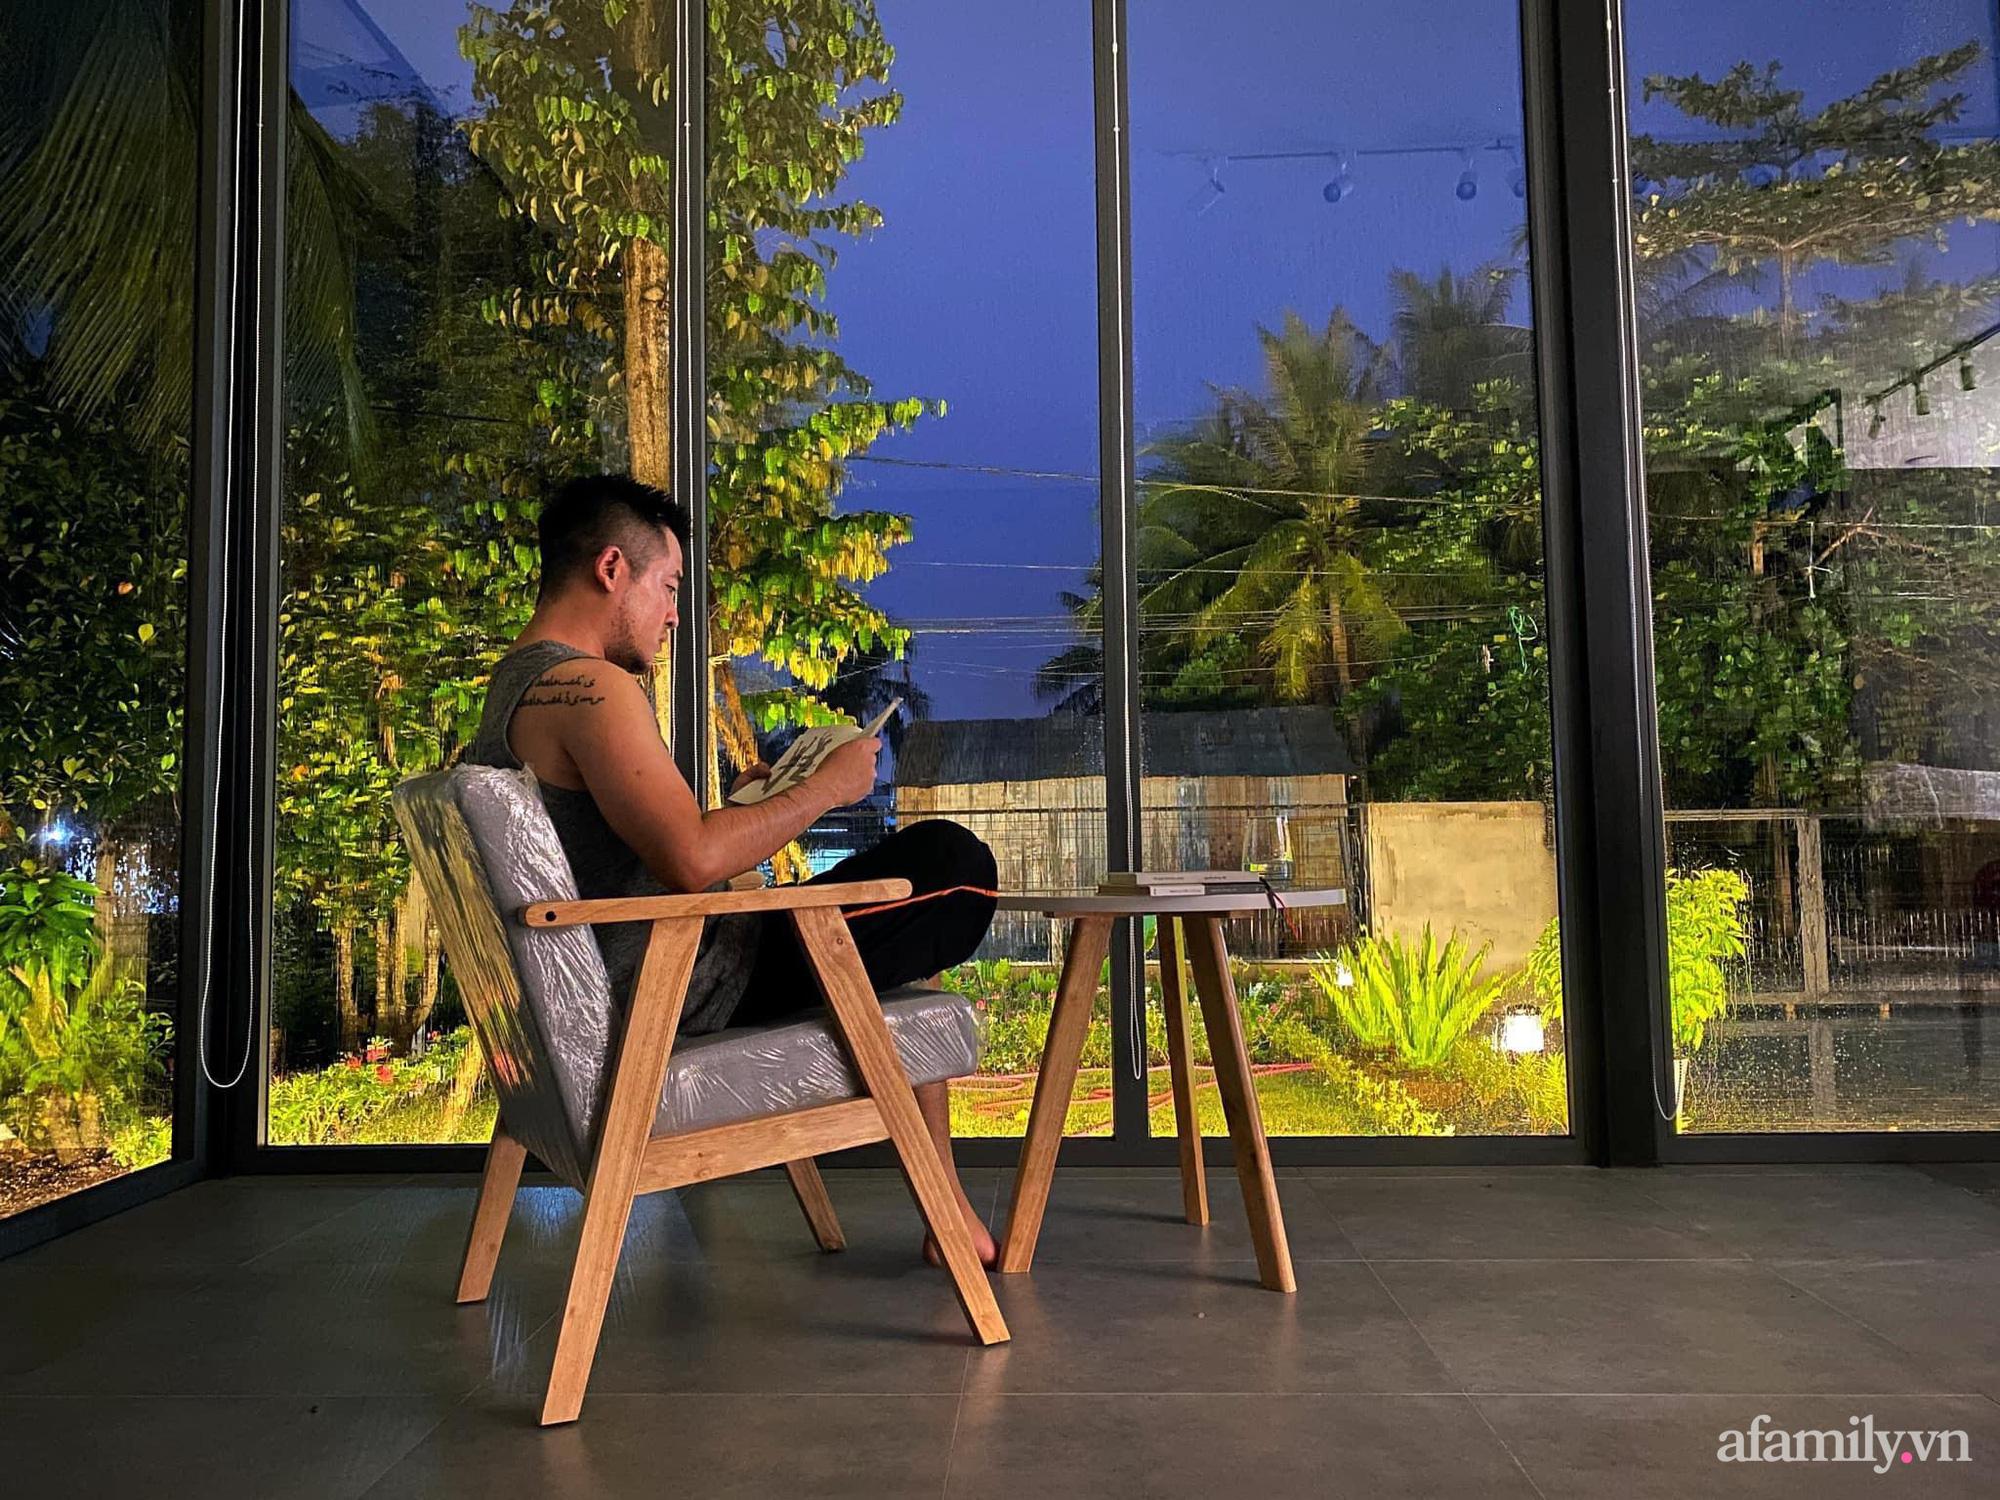 Sở hữu mảnh vườn thật chill, chàng trai trẻ Kiên Giang yên tâm nấu ăn, đọc sách ngắm cây những ngày giãn cách - Ảnh 12.